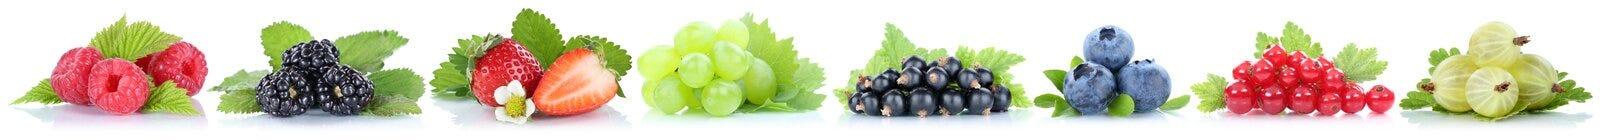 Συλλογή του κοκκίνου βακκινίων φραουλών σταφυλιών φρούτων μούρων Στοκ φωτογραφία με δικαίωμα ελεύθερης χρήσης